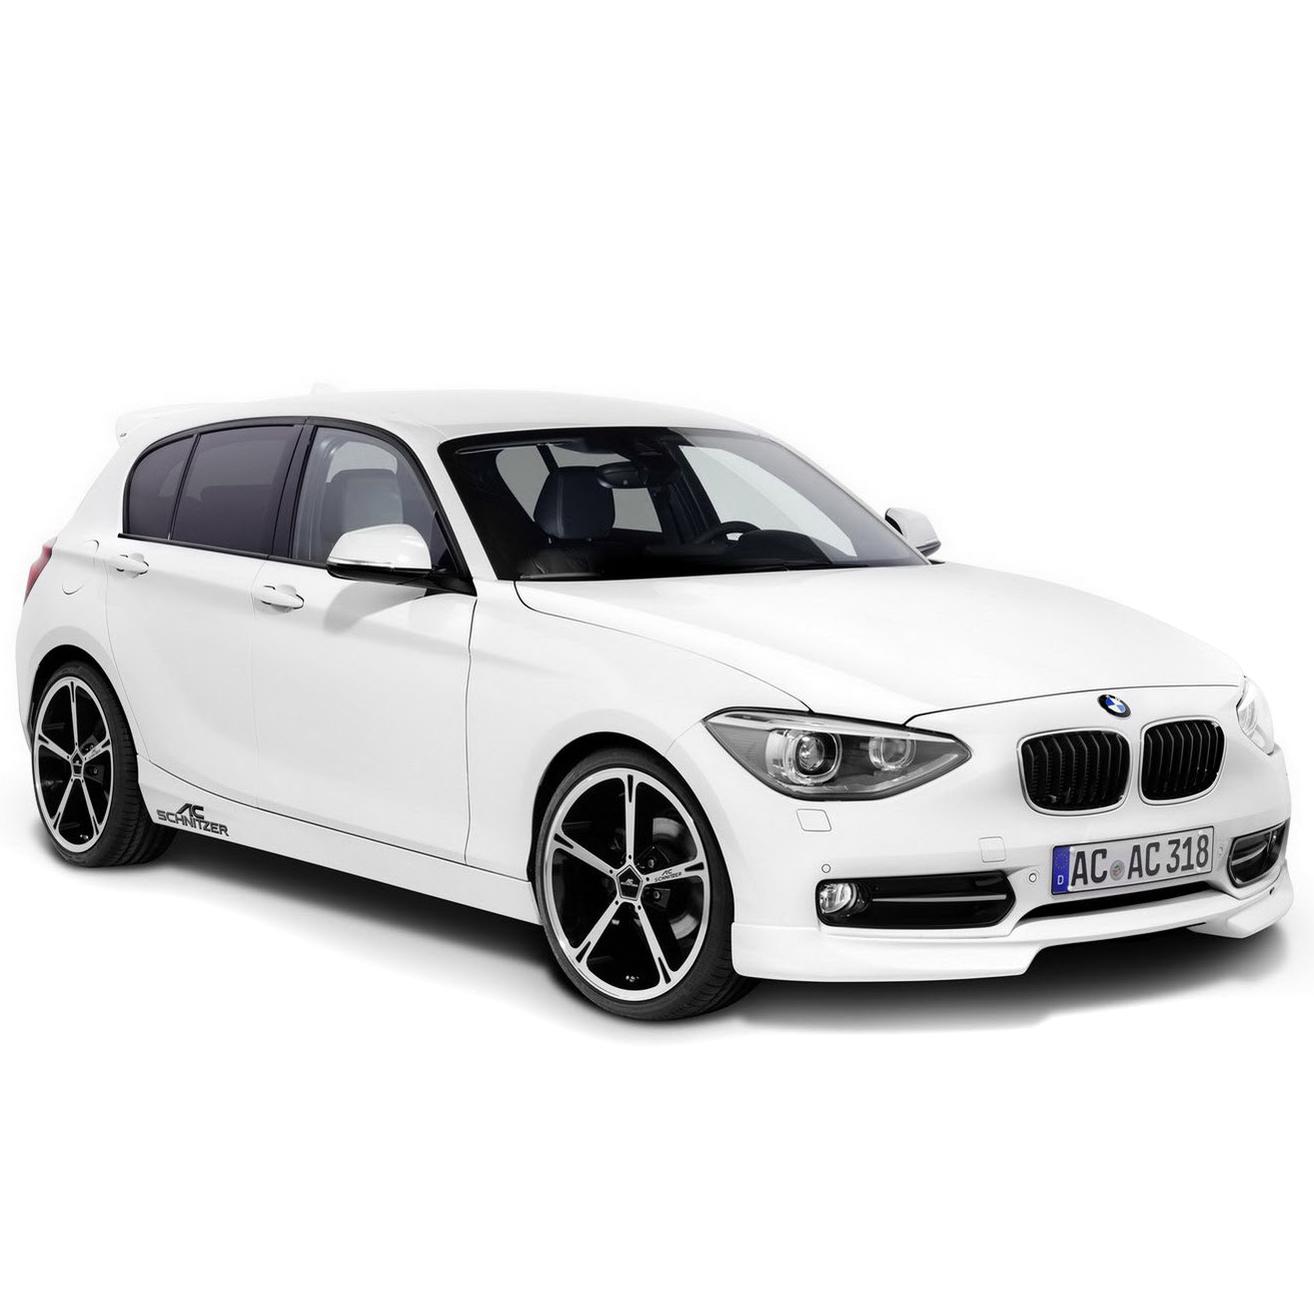 BMW 1 Series Car Mats (All Models)